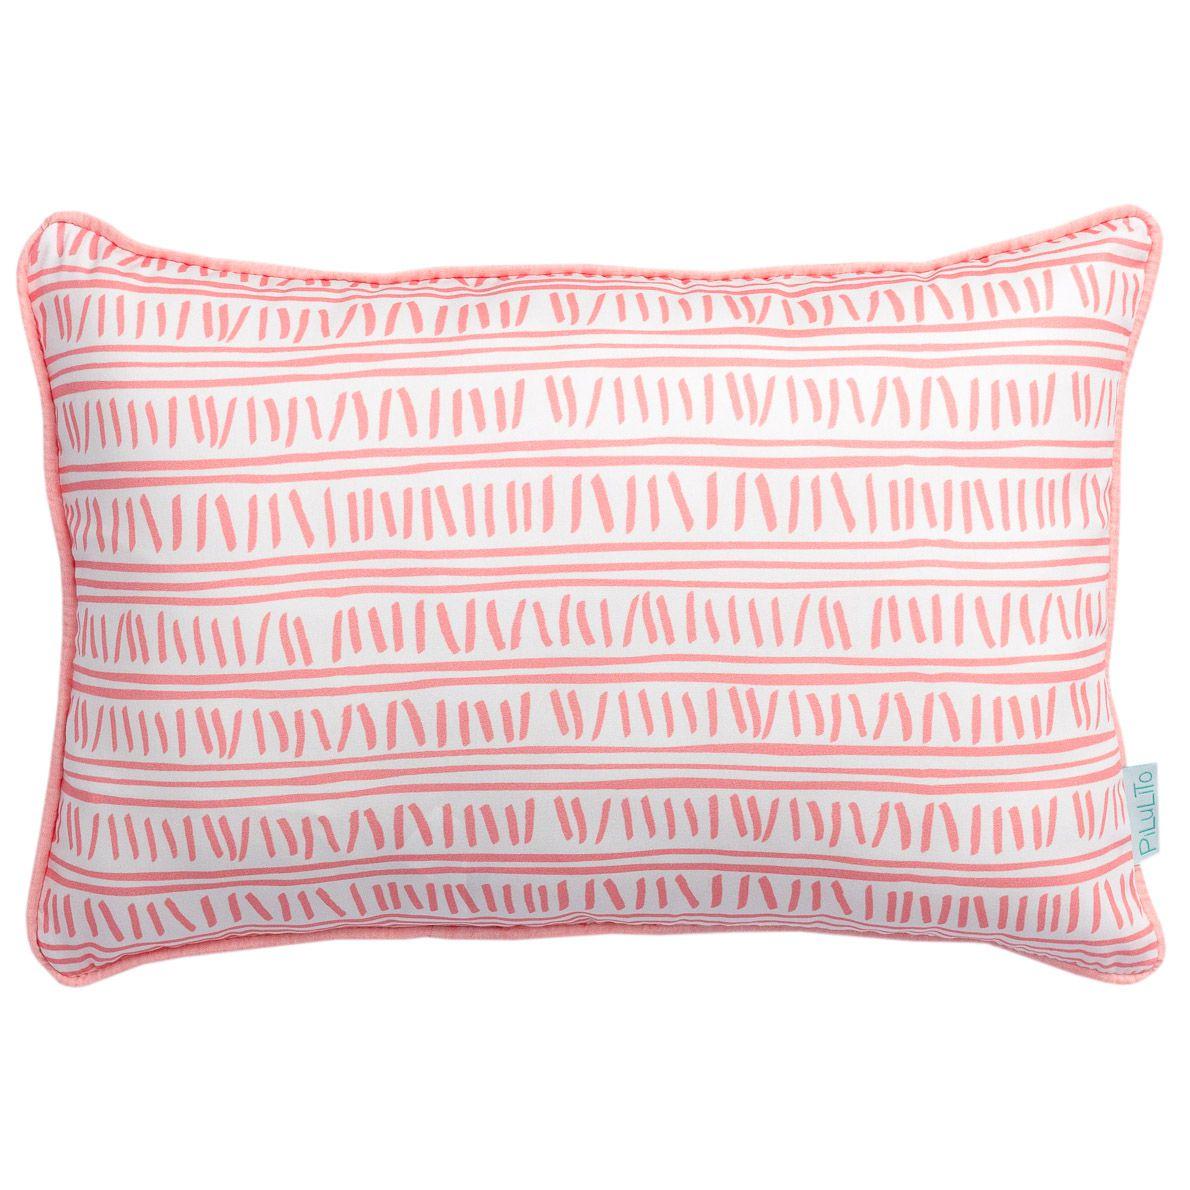 Capa de almofada 45x30cm trilha rosa